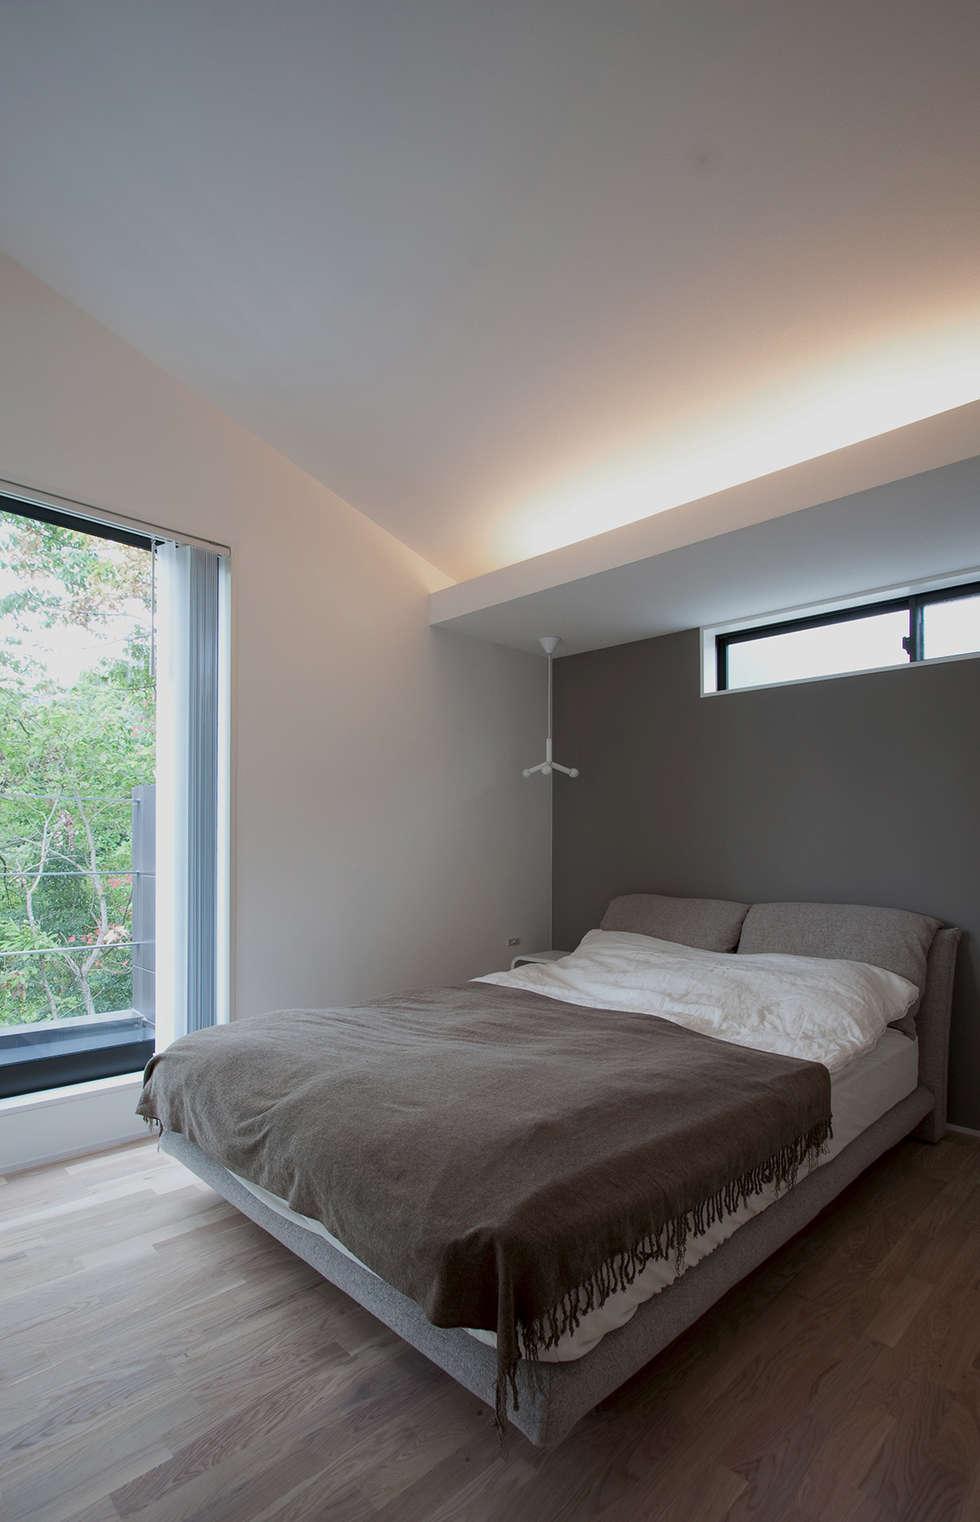 森の緑を楽しむみんなの集まる家: ラブデザインホームズ/LOVE DESIGN HOMESが手掛けた寝室です。